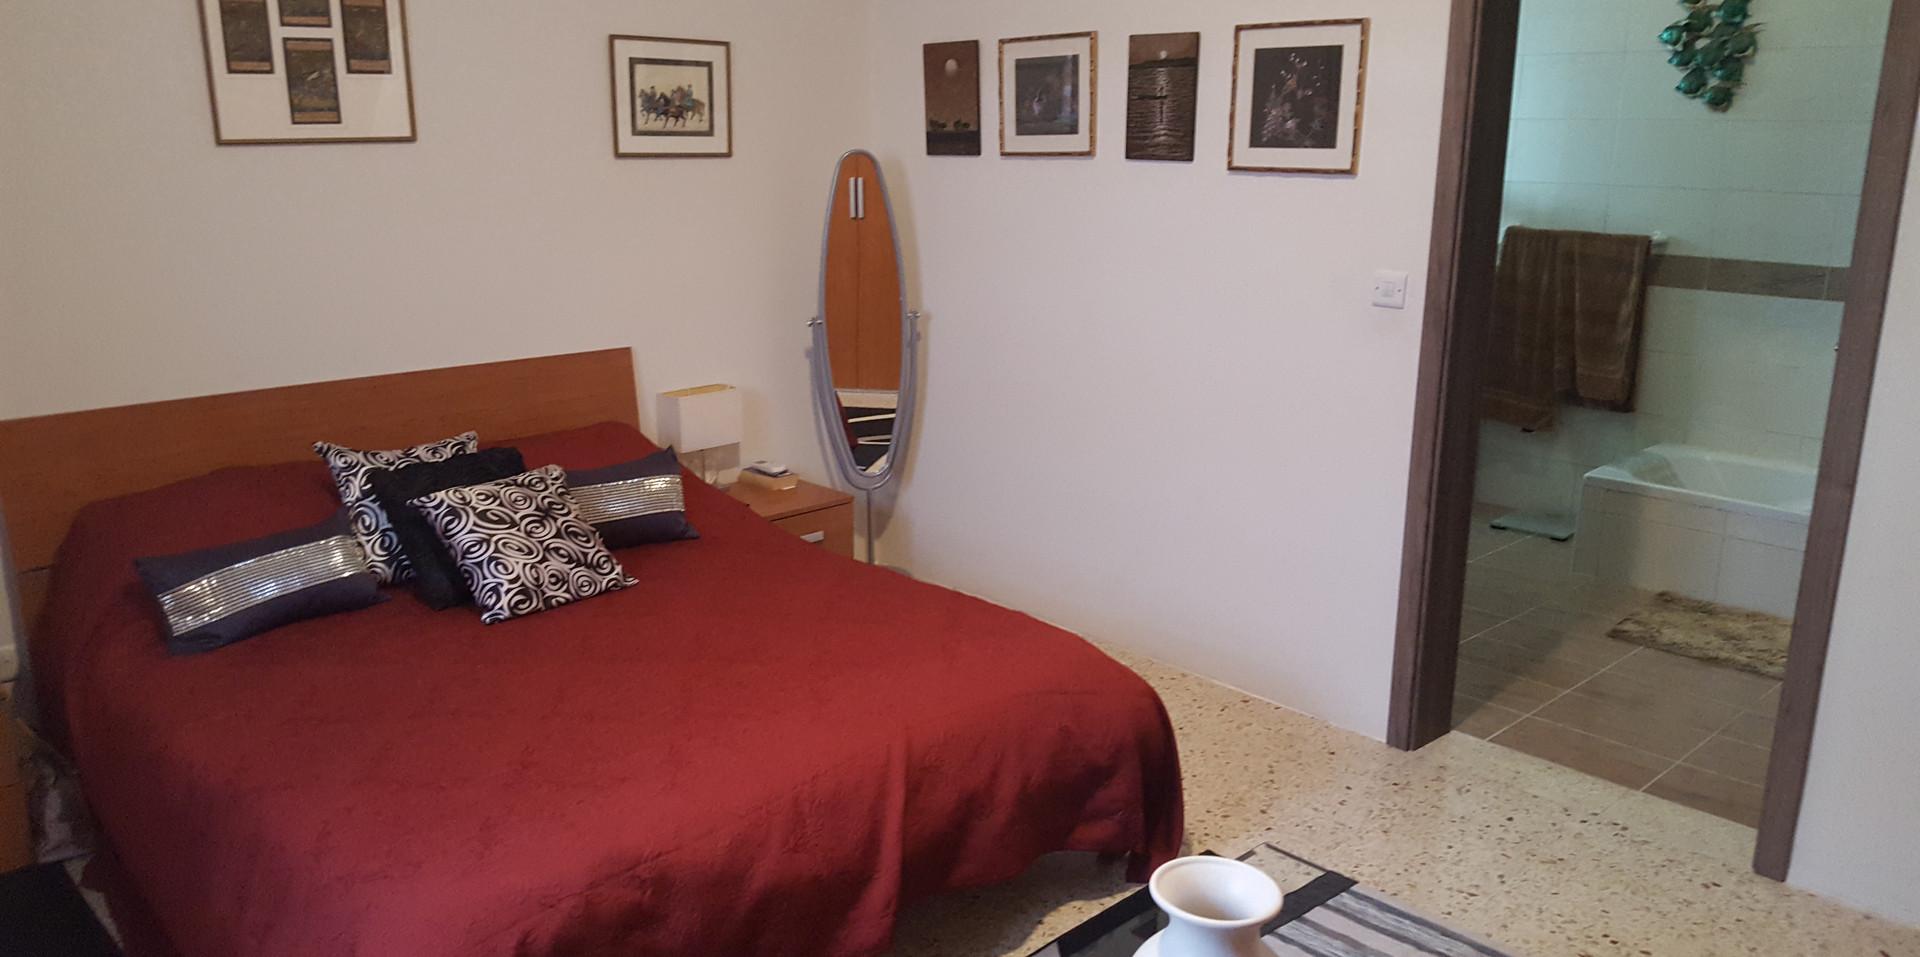 20 - Master Bedroom 2a.jpg